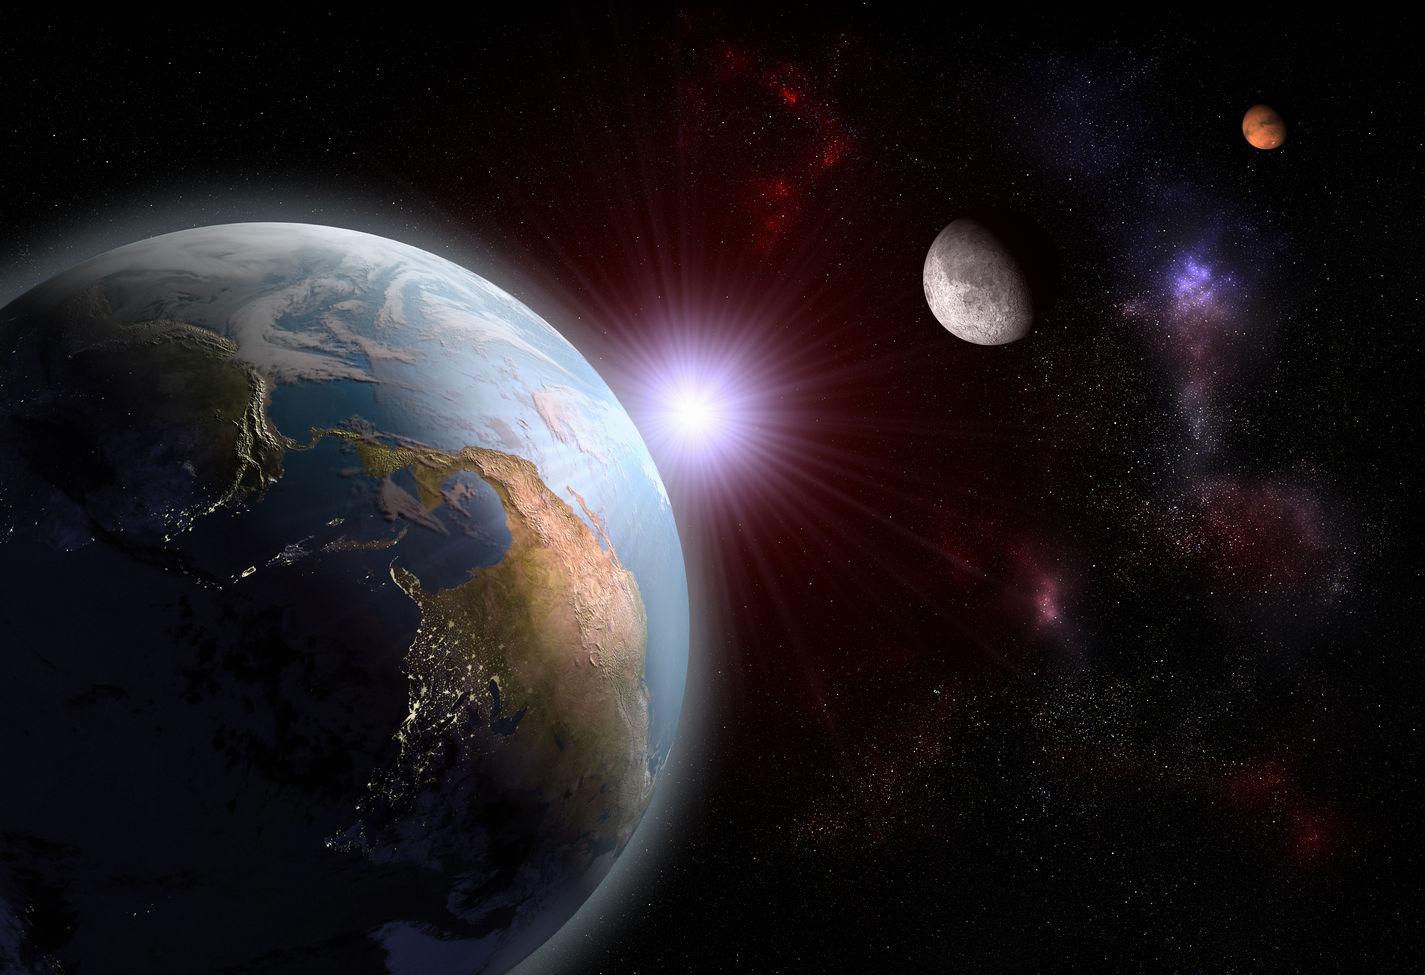 Луна или Марс: какая цель перспективней для пилотируемых исследований?